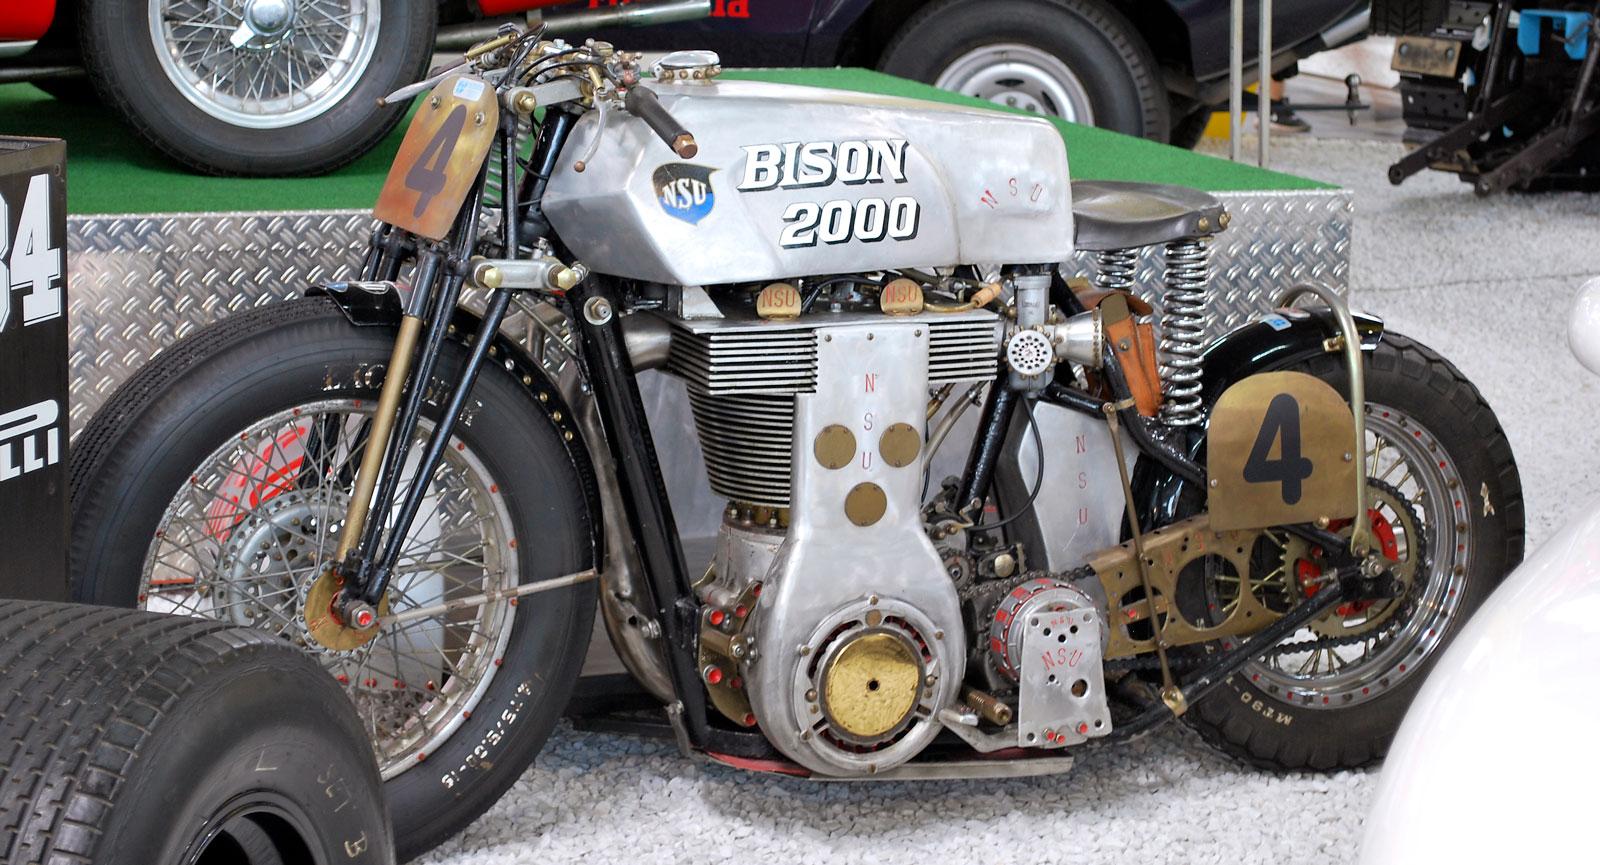 NSU 2000 Bison är riktigt muskulös med sin 2000 kubik stora motor.